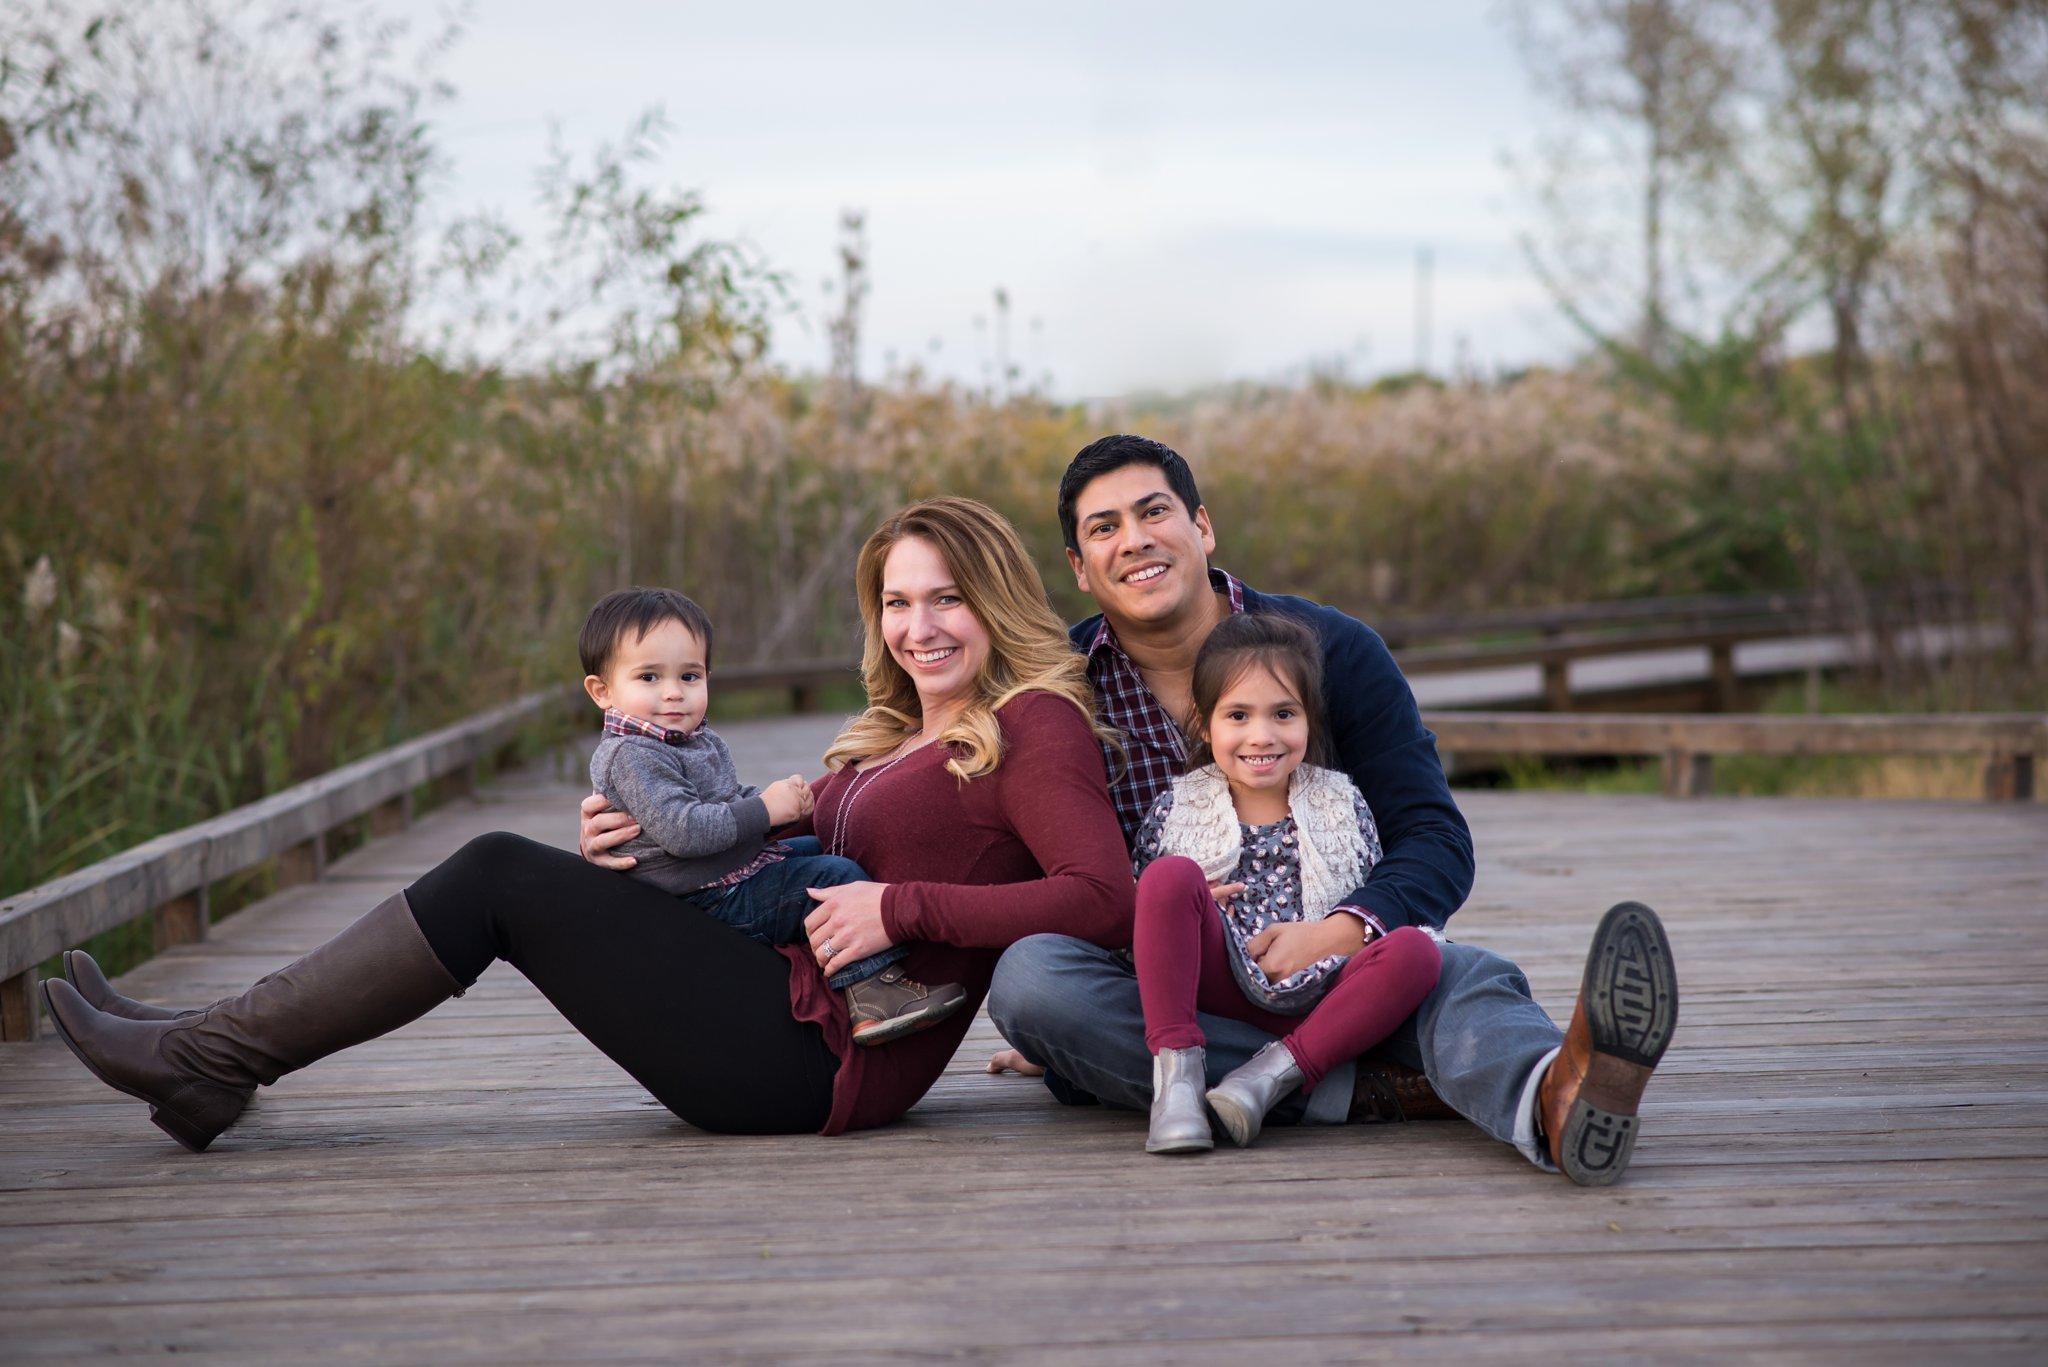 jacquelinemariephotography-familyphotography-columbusohio.jpg